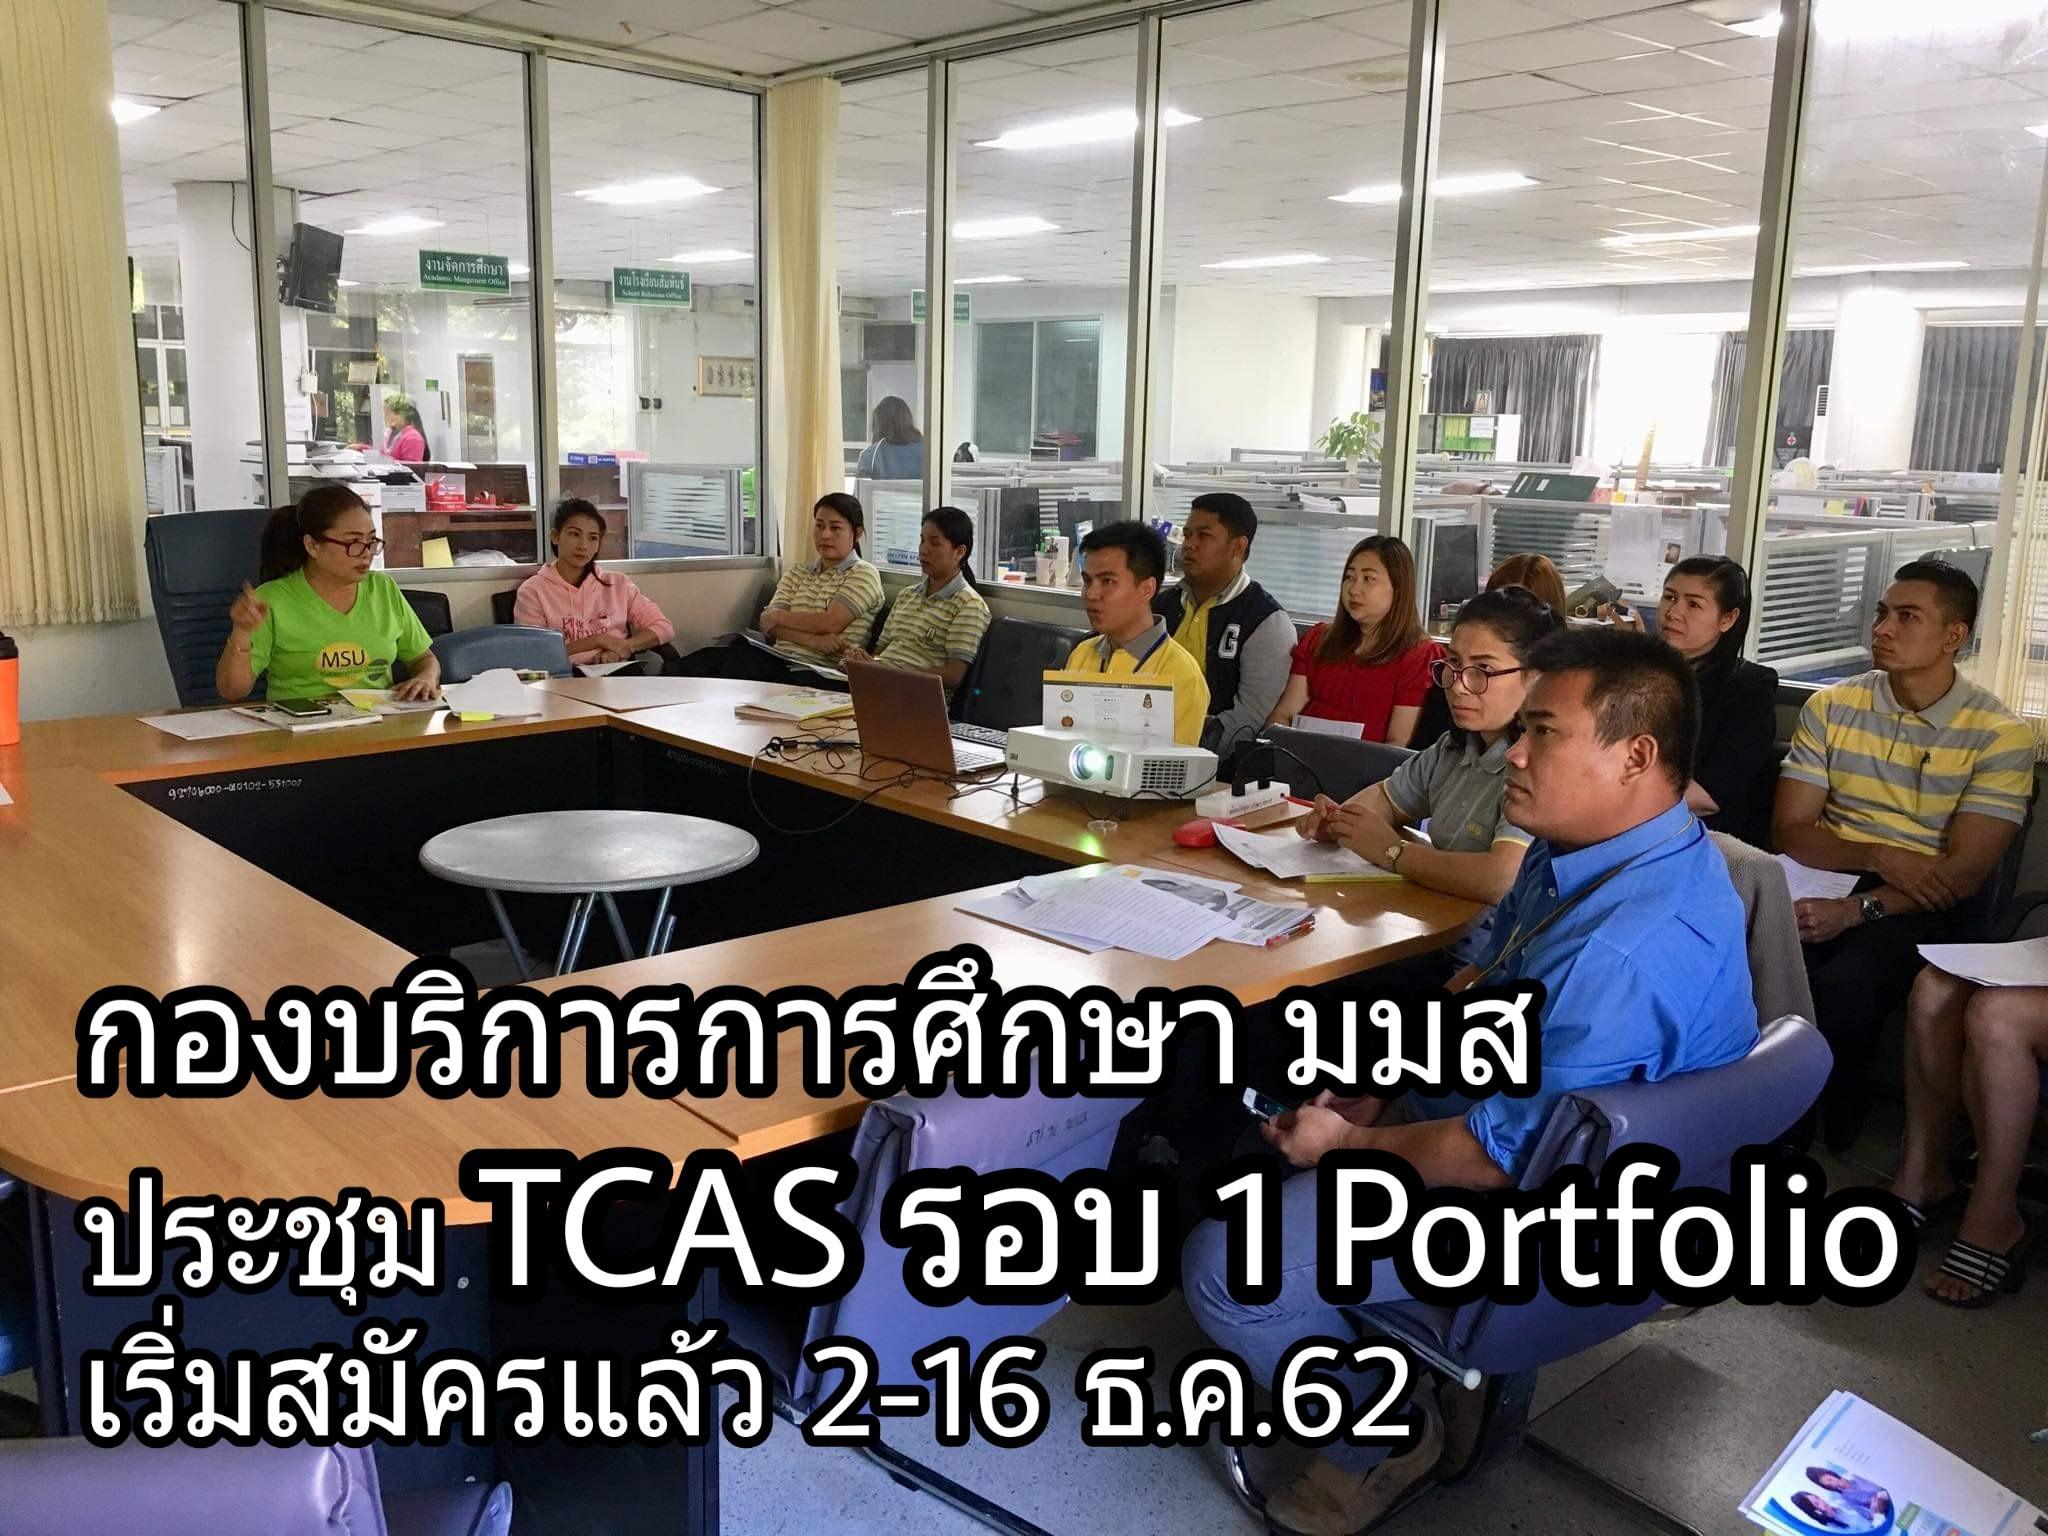 กองบริการการศึกษา มมส ประชุม วางแผนเพื่อปรับกลยุทธ์รับสมัคร TCAS 63 รอบ1 รับสมัครทั่วประเทศ